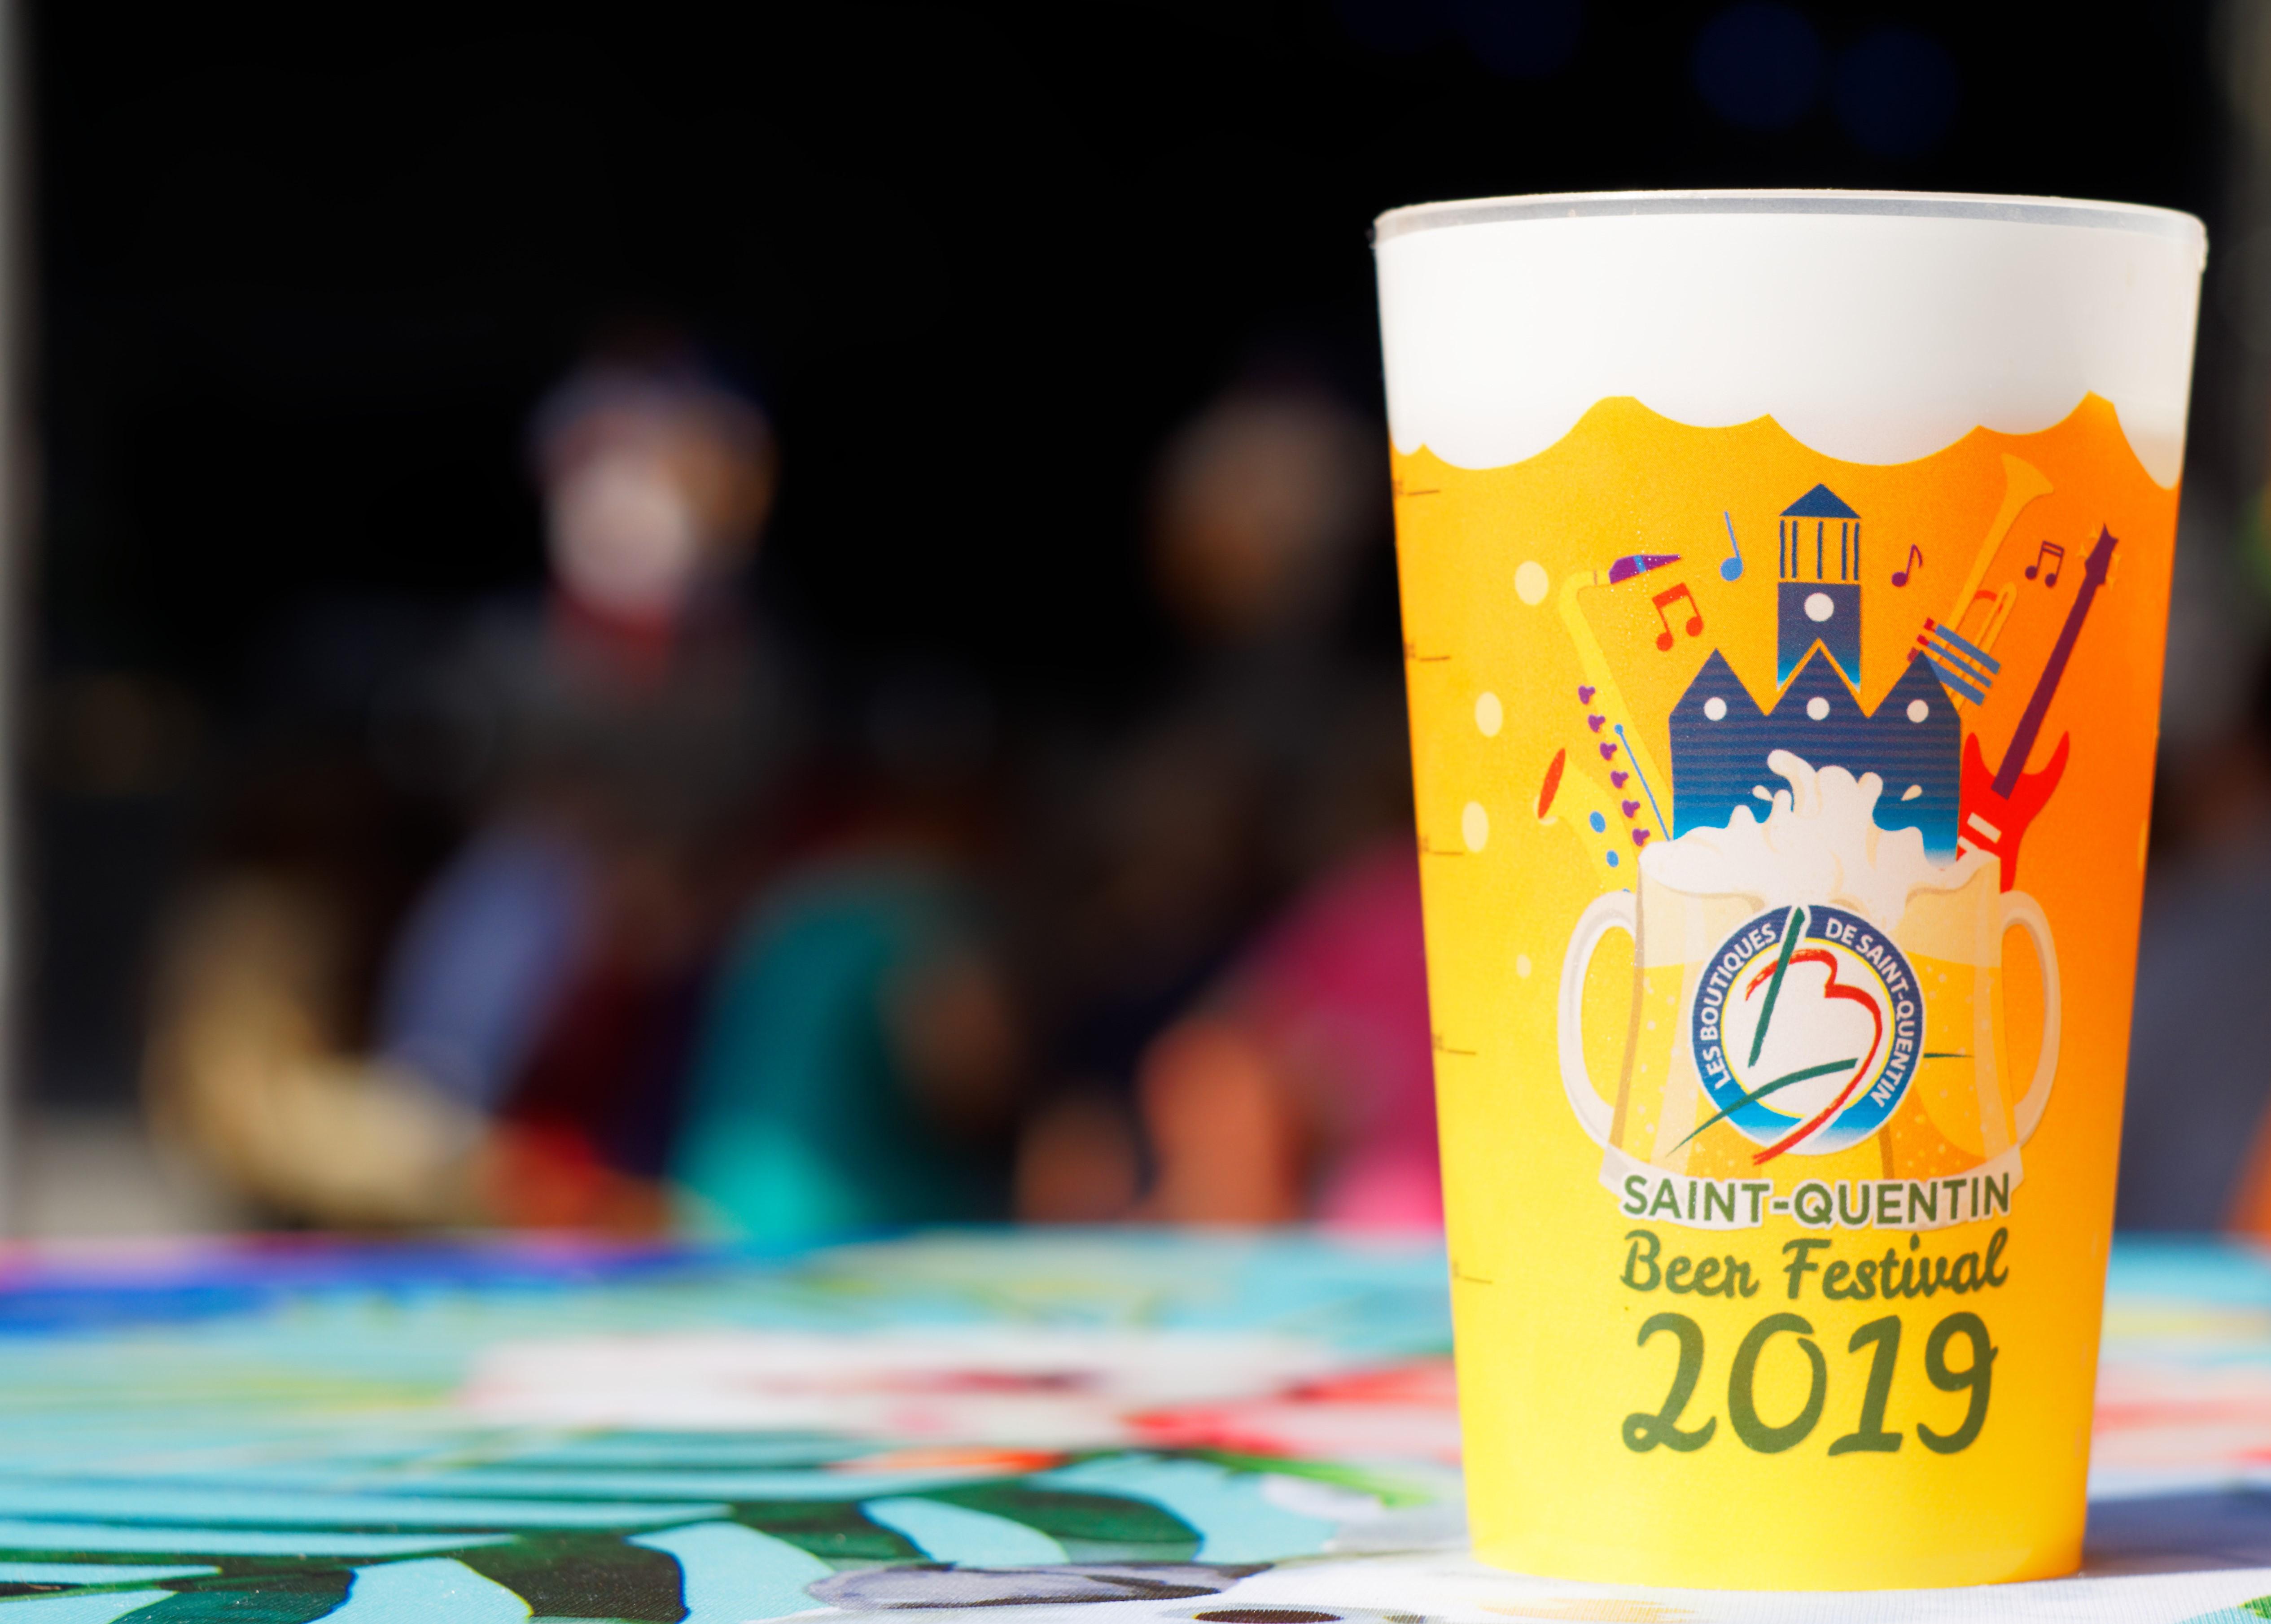 le-jolie-verre-du-beer-festival-fete-de-la-biere-edition-2019-a-saint-quentin-alexandre-bridenne